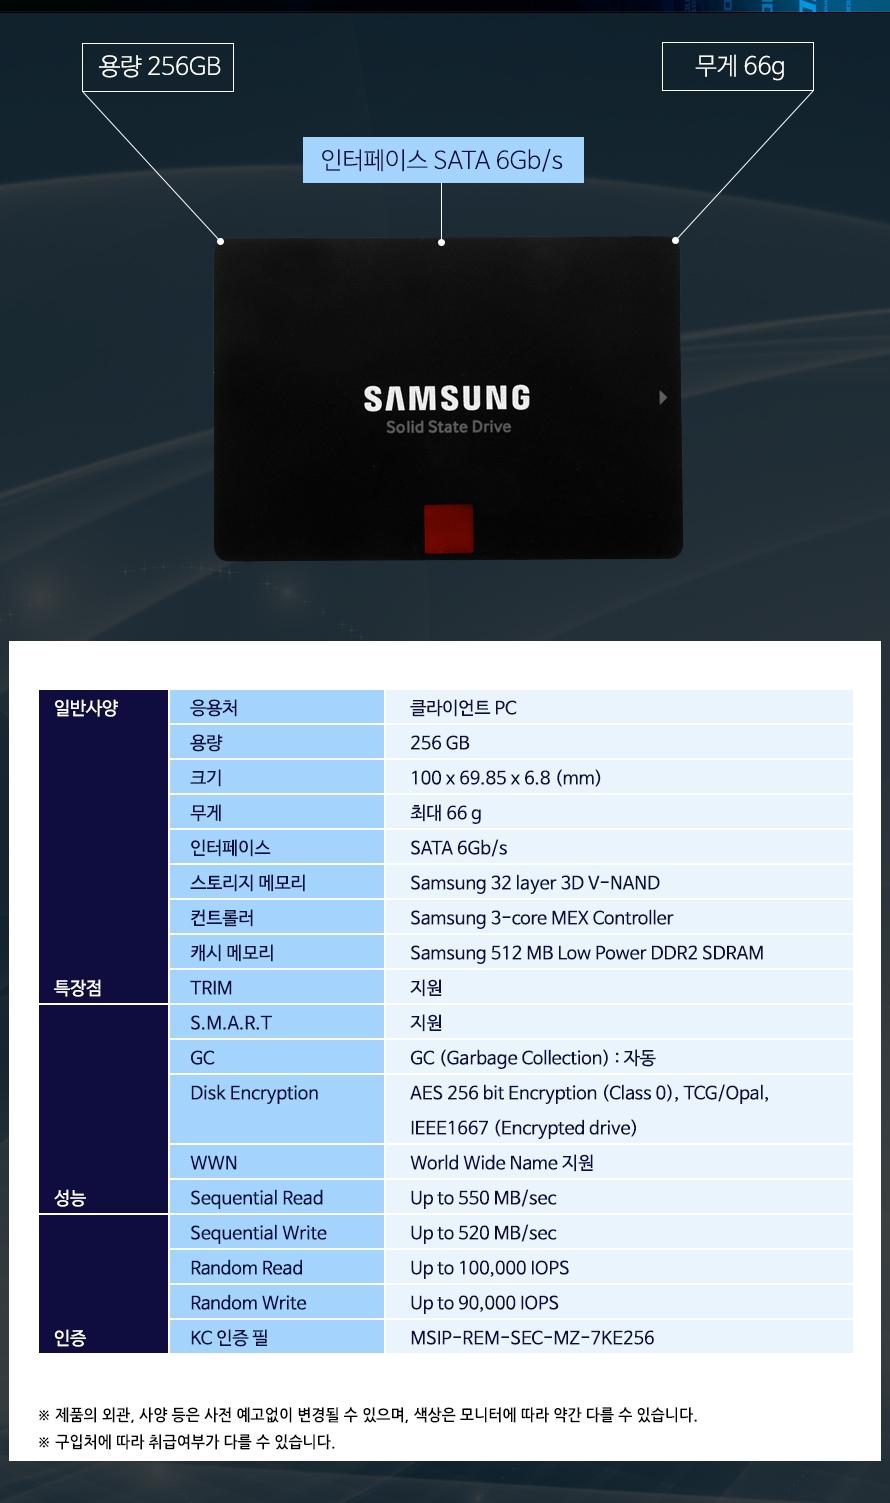 용량 256GB무게 66g인터페이스 SATA 6Gb/s응용처클라이언트 PC용량256 GB크기100 x 69.85 x 6.8 (mm)무게최대 66 g인터페이스SATA 6Gb/s스토리지 메모리Samsung 32 layer 3D V-NAND 컨트롤러Samsung 3-core MEX Controller캐시 메모리Samsung 512 MB Low Power DDR2 SDRAMTRIM 지원 S.M.A.R.T지원GC GC (Garbage Collection) : 자동  Disk EncryptionAES 256 bit Encryption (Class 0), TCG/Opal, IEEE1667 (Encrypted drive)WWNWorld Wide Name 지원Sequential ReadUp to 550 MB/secSequential Write Up to 520 MB/secRandom ReadUp to 100,000 IOPSRandom WriteUp to 90,000 IOPS KC 인증 필MSIP-REM-SEC-MZ-7KE256제품의 외관, 사양 등은 사전 예고없이 변경될 수 있으며, 색상은 모니터에 따라 약간 다를 수 있습니다.구입처에 따라 취급여부가 다를 수 있습니다.